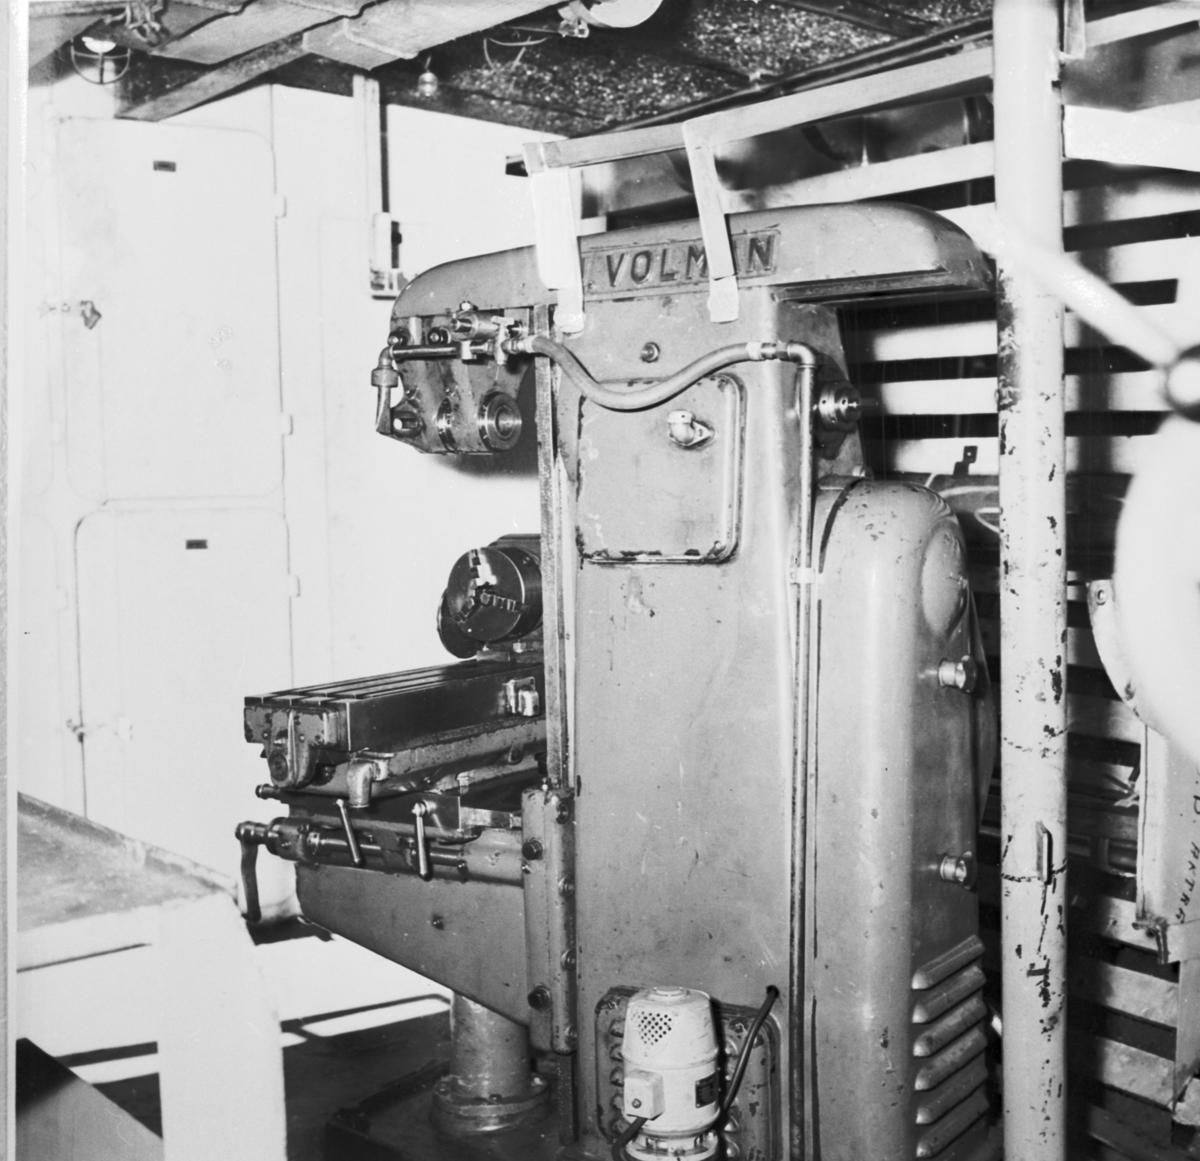 Fartyg: M51 Hanö                        Rederi: Kungliga Flottan, Marinen Byggår: 1952 Varv: Örlogsvarvet, Karlskrona Övrigt: Ändringsarbeten